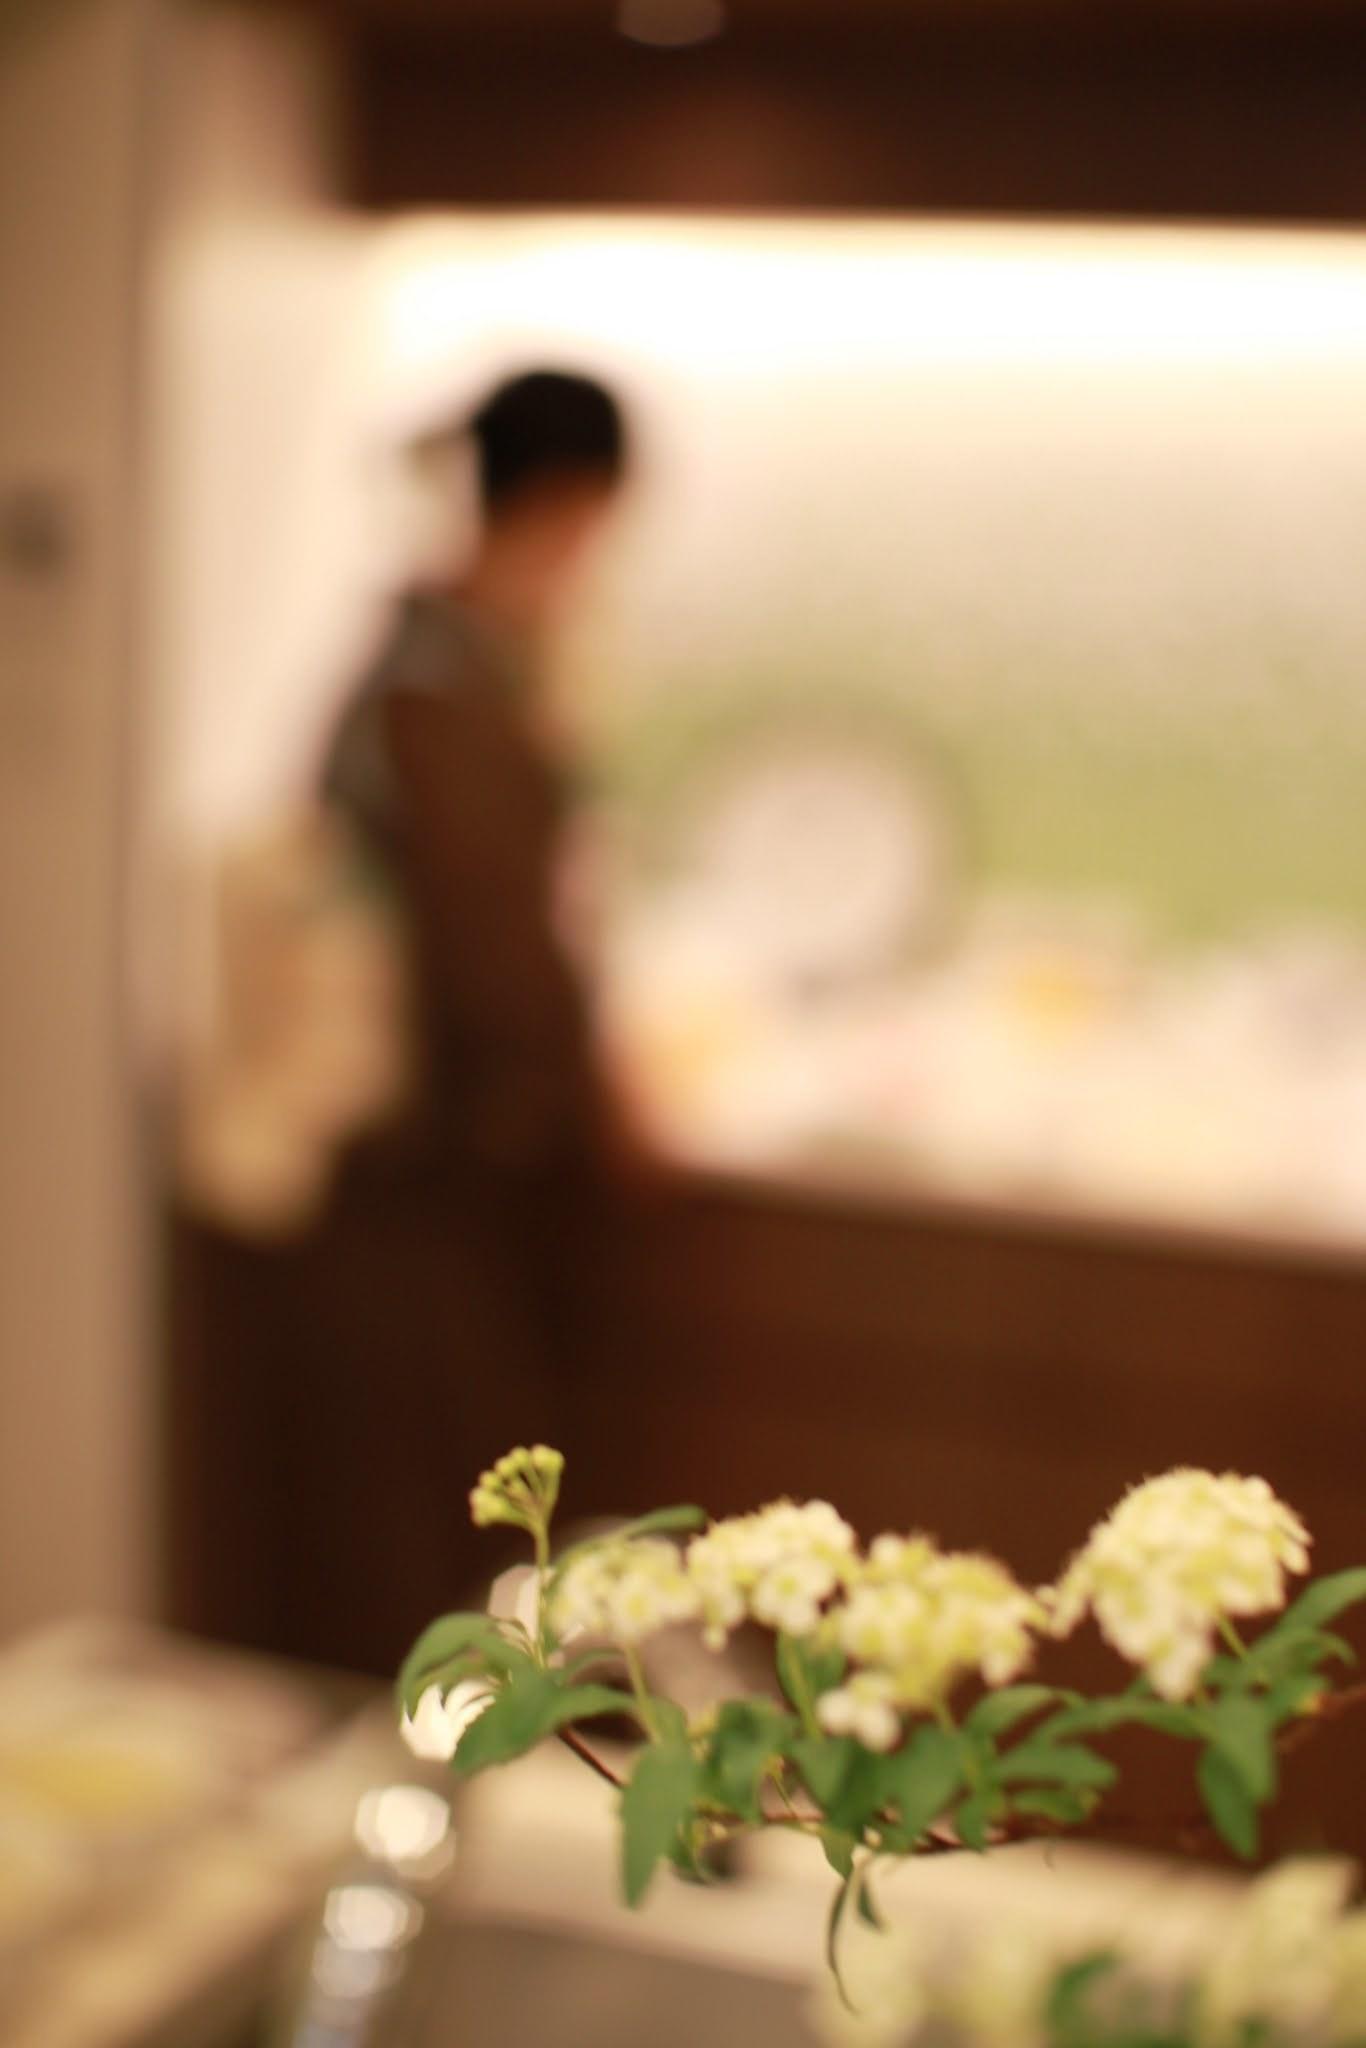 イベントレポート「和ゴコロことはじめ vol.1 ~春告鳥の集い~」③_e0344169_10575695.jpg